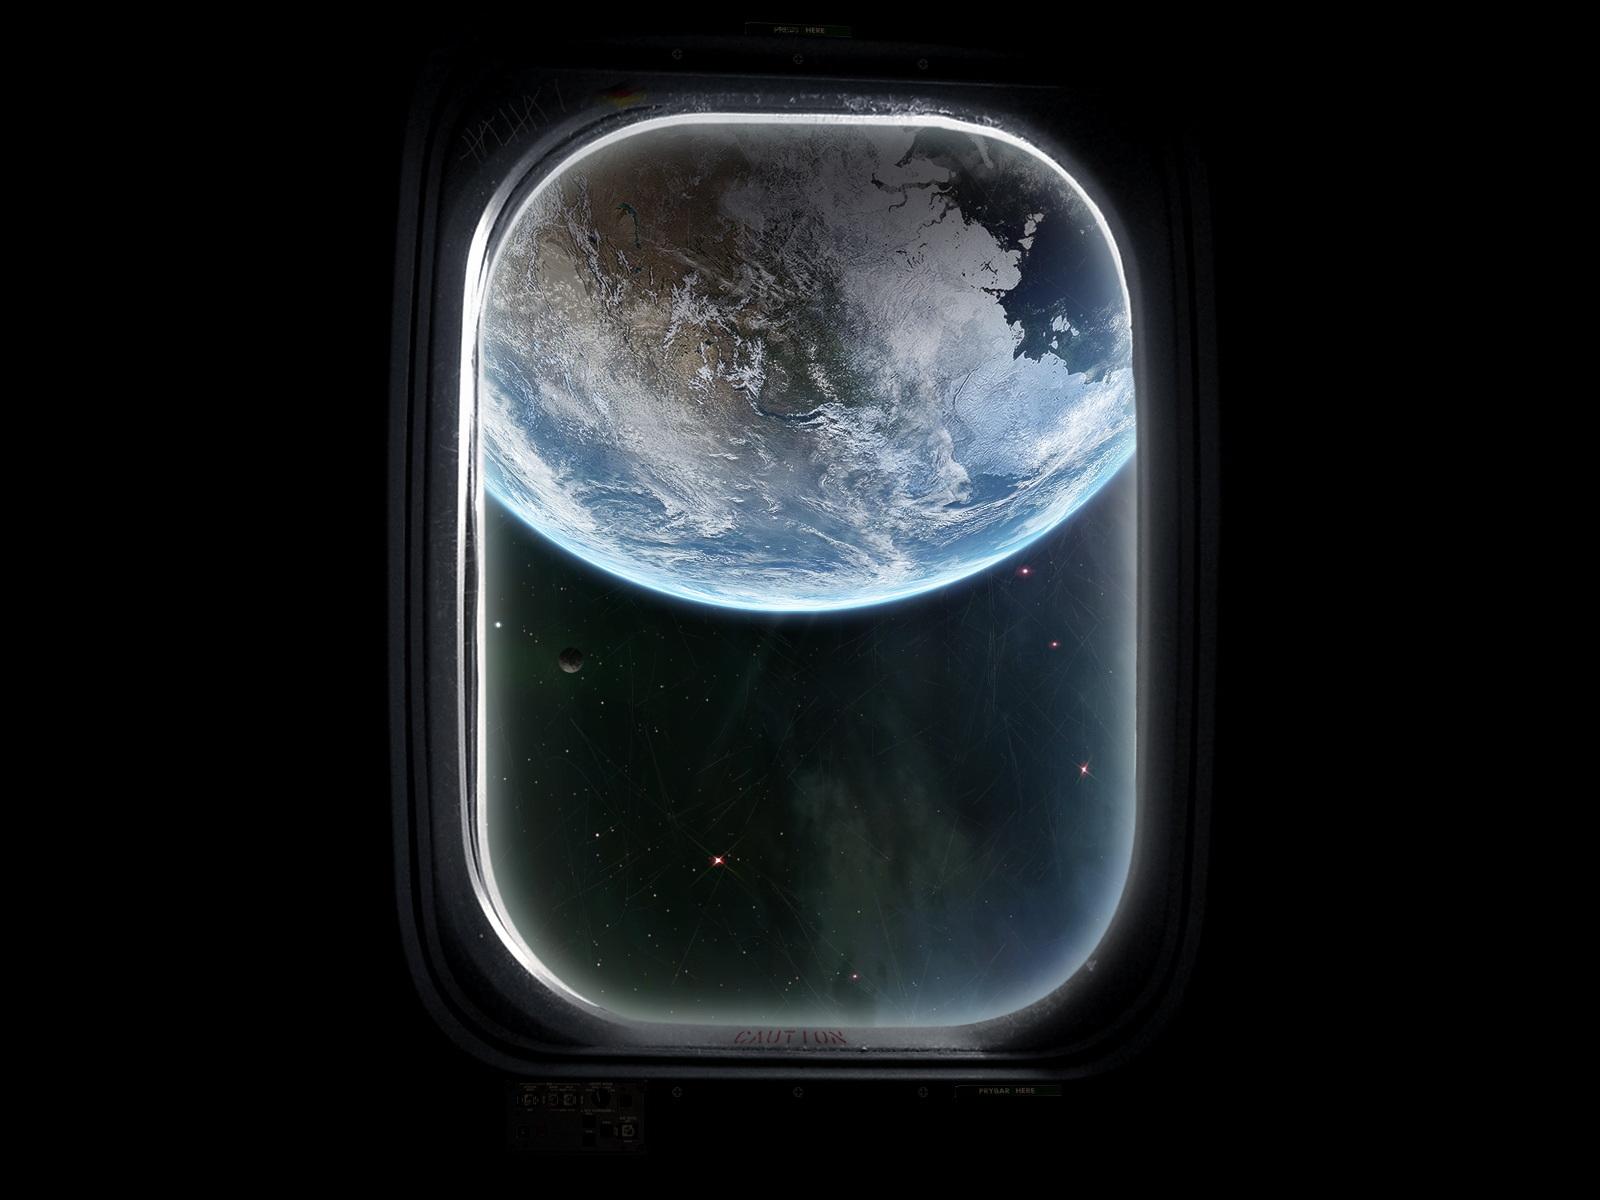 Скачать картинку Пейзаж, Планеты, Космос в телефон бесплатно.